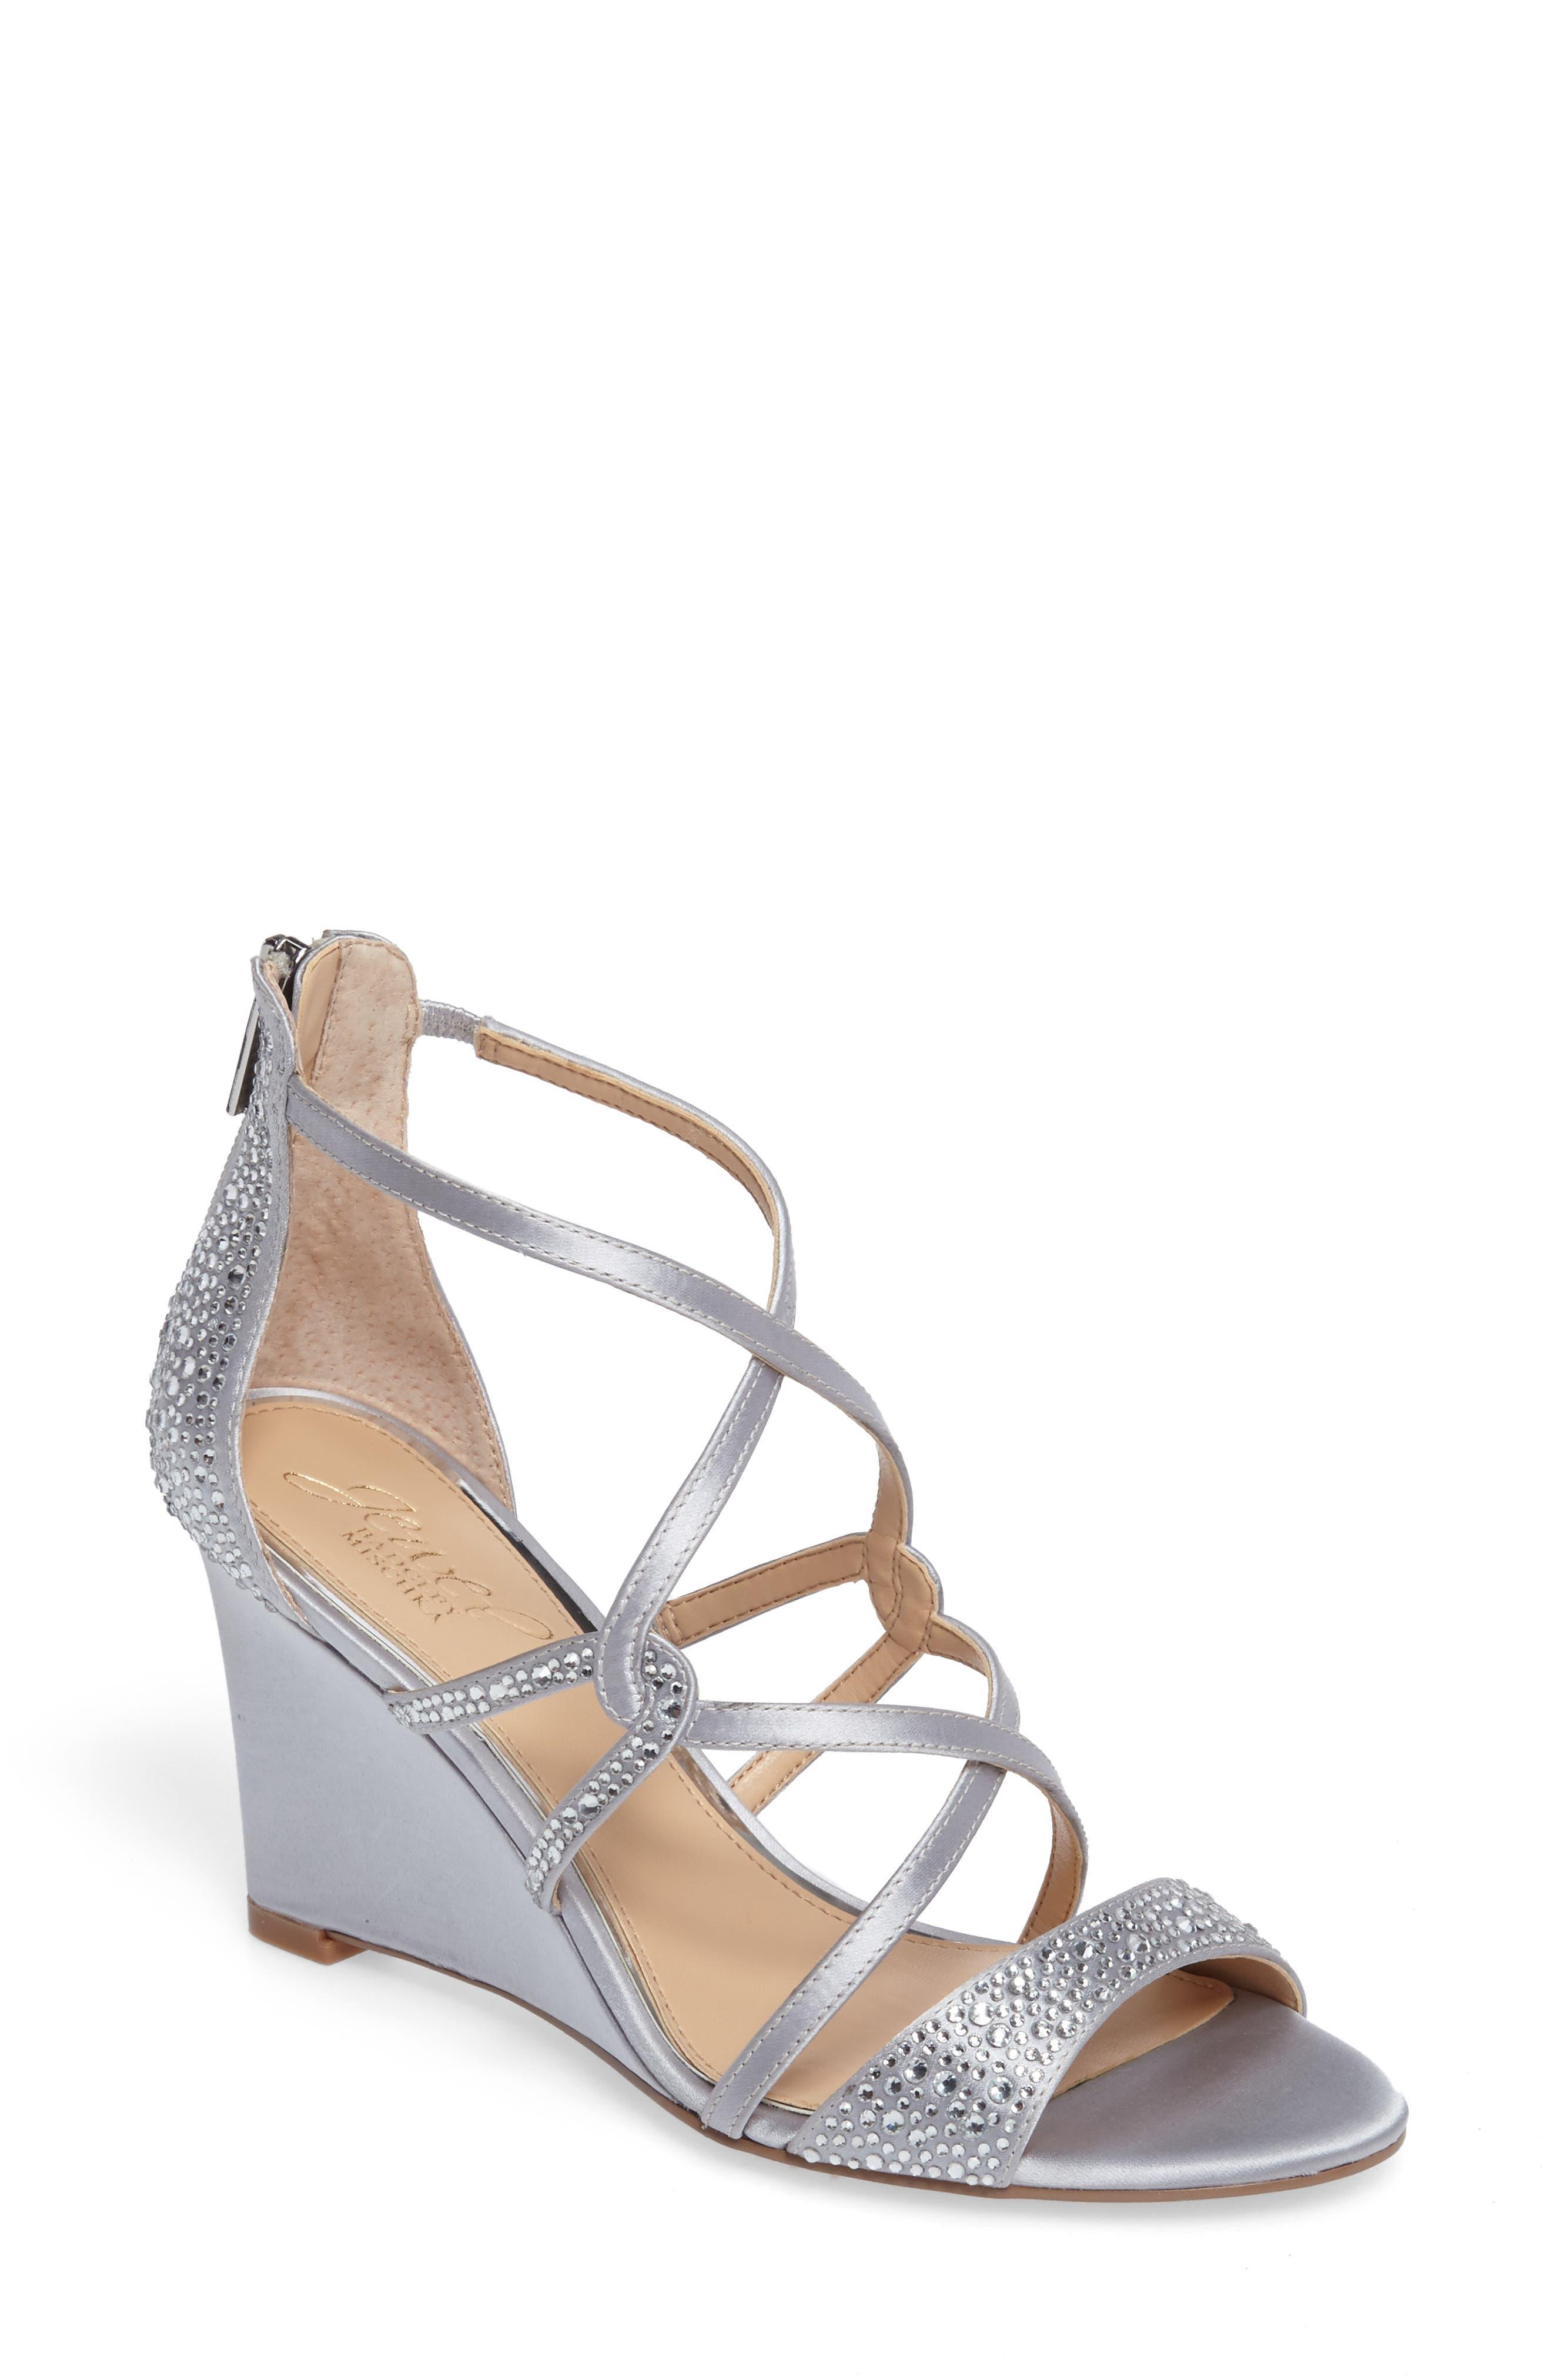 Jewel Badgley Mischka Ally II Embellished Wedge Sandal (Women)